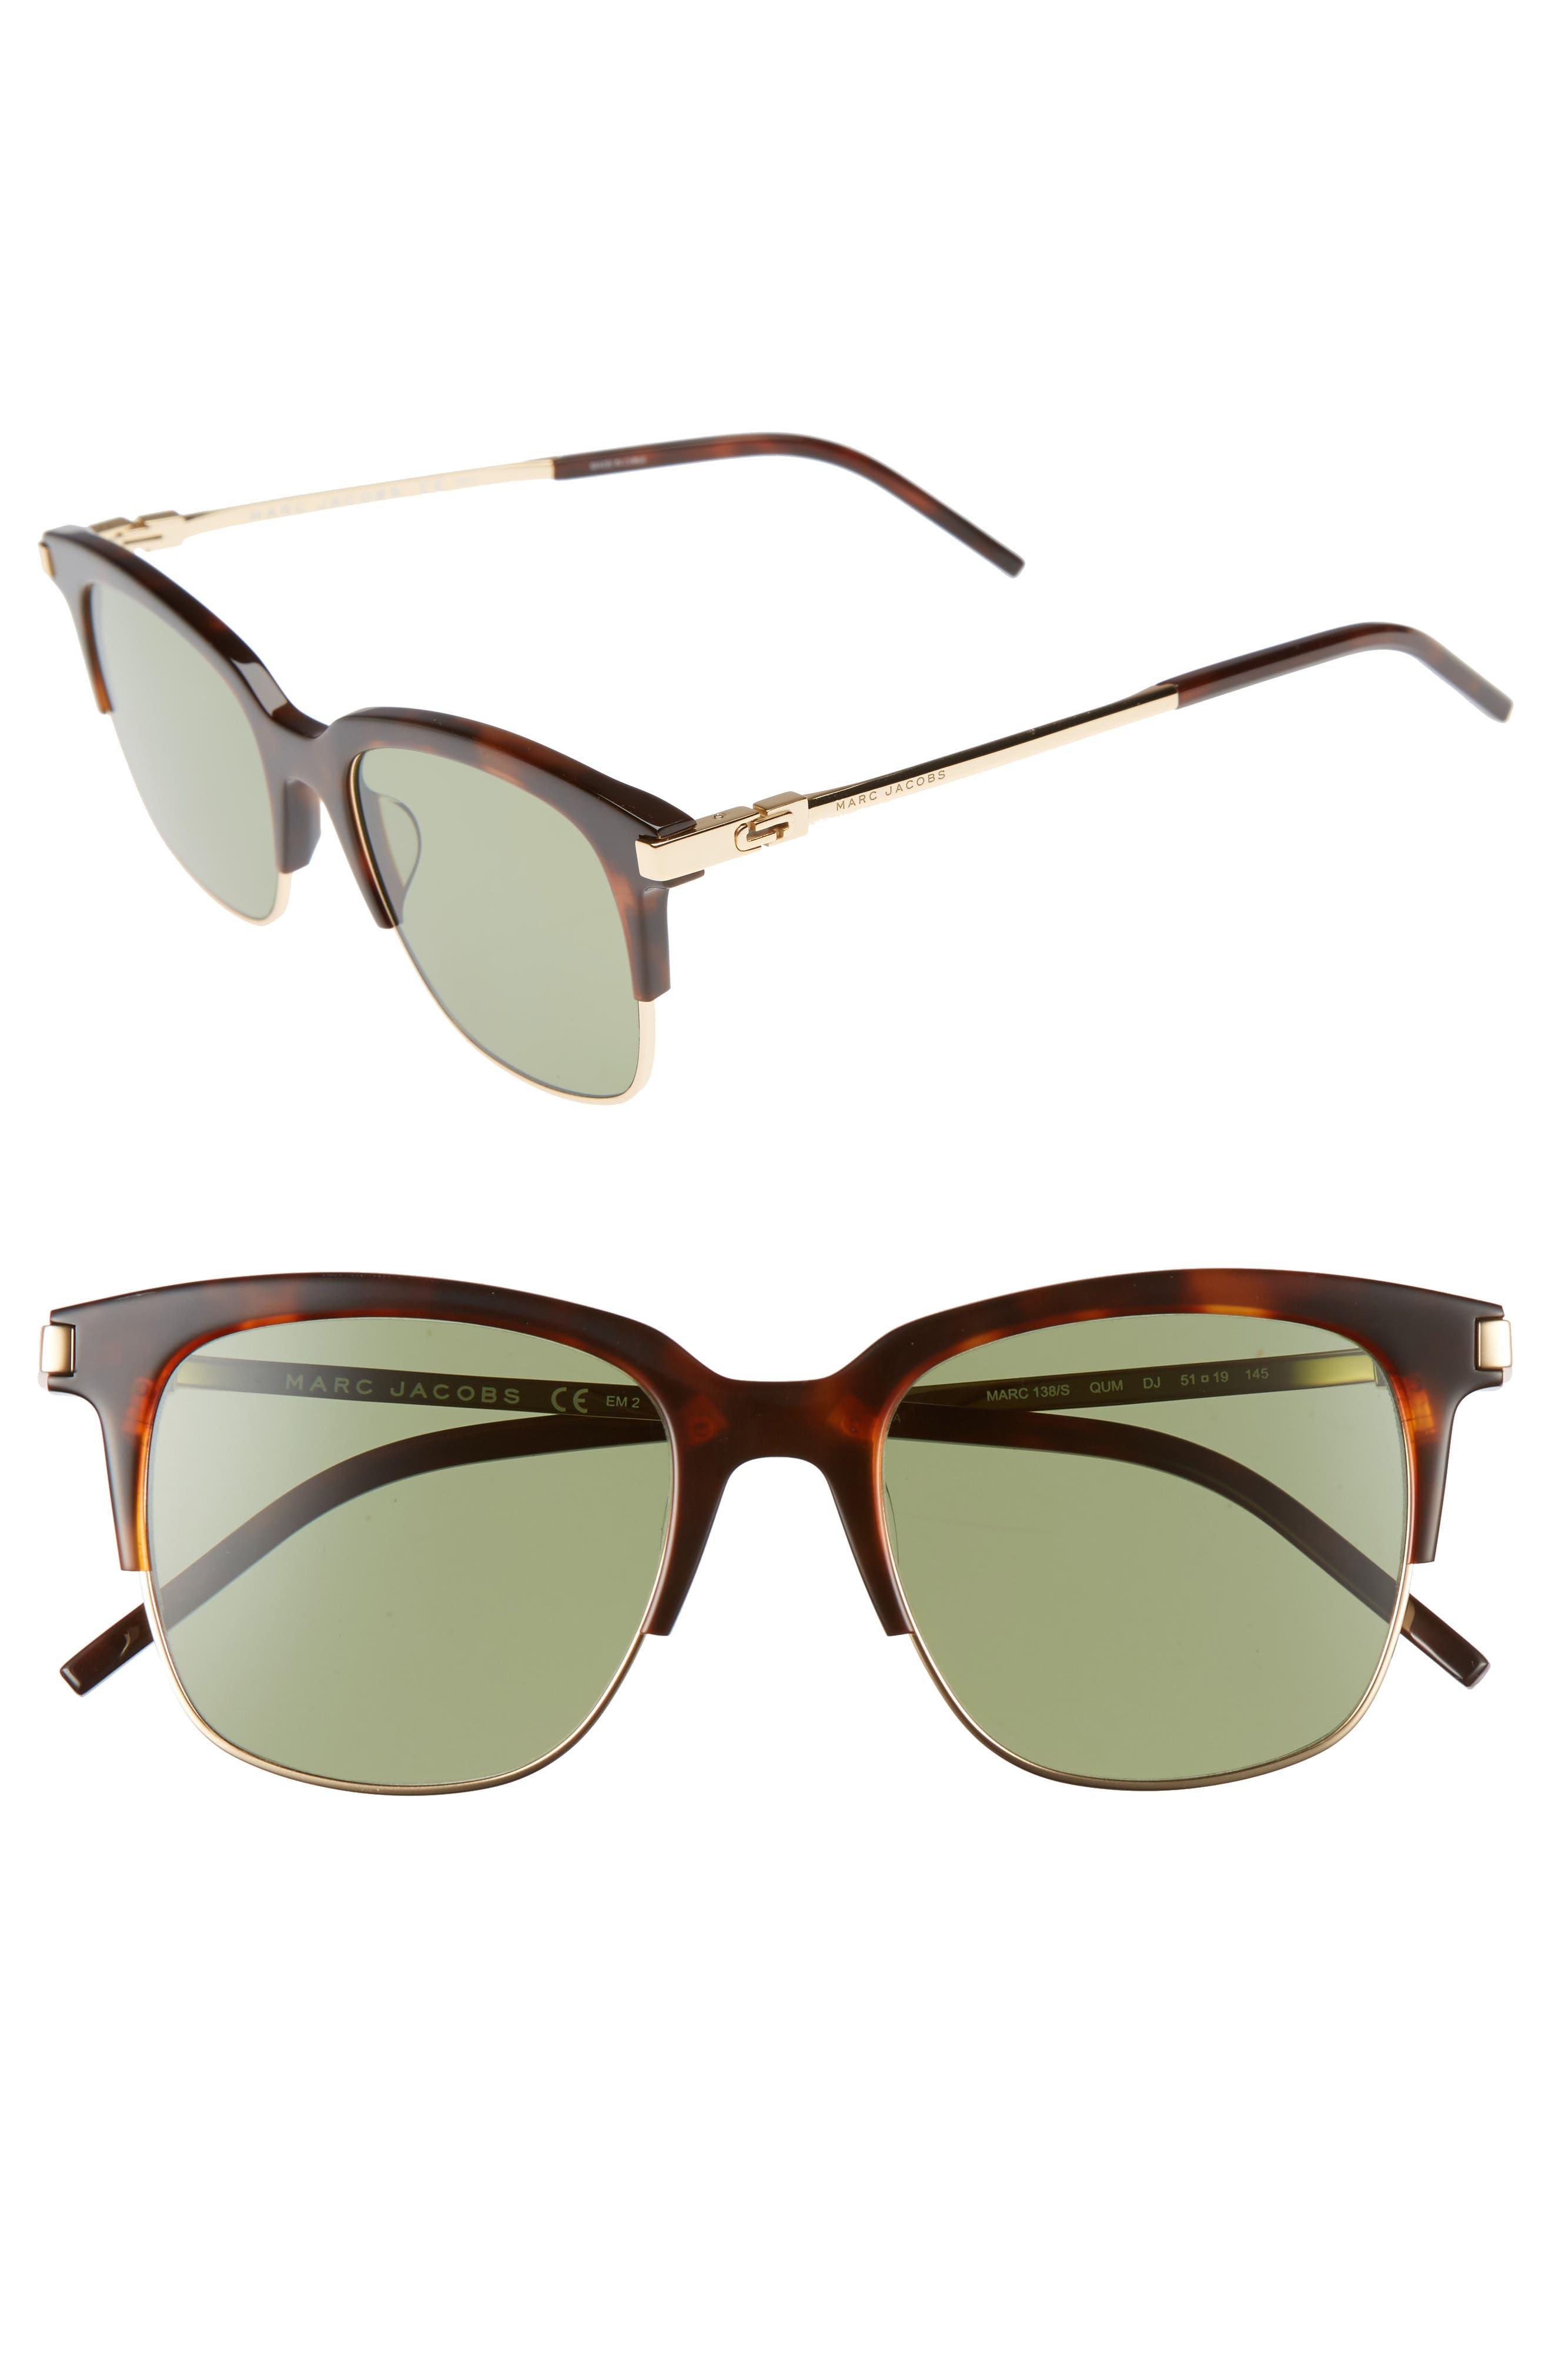 2e763e4041 Marc Jacobs 51Mm Sunglasses - Havana